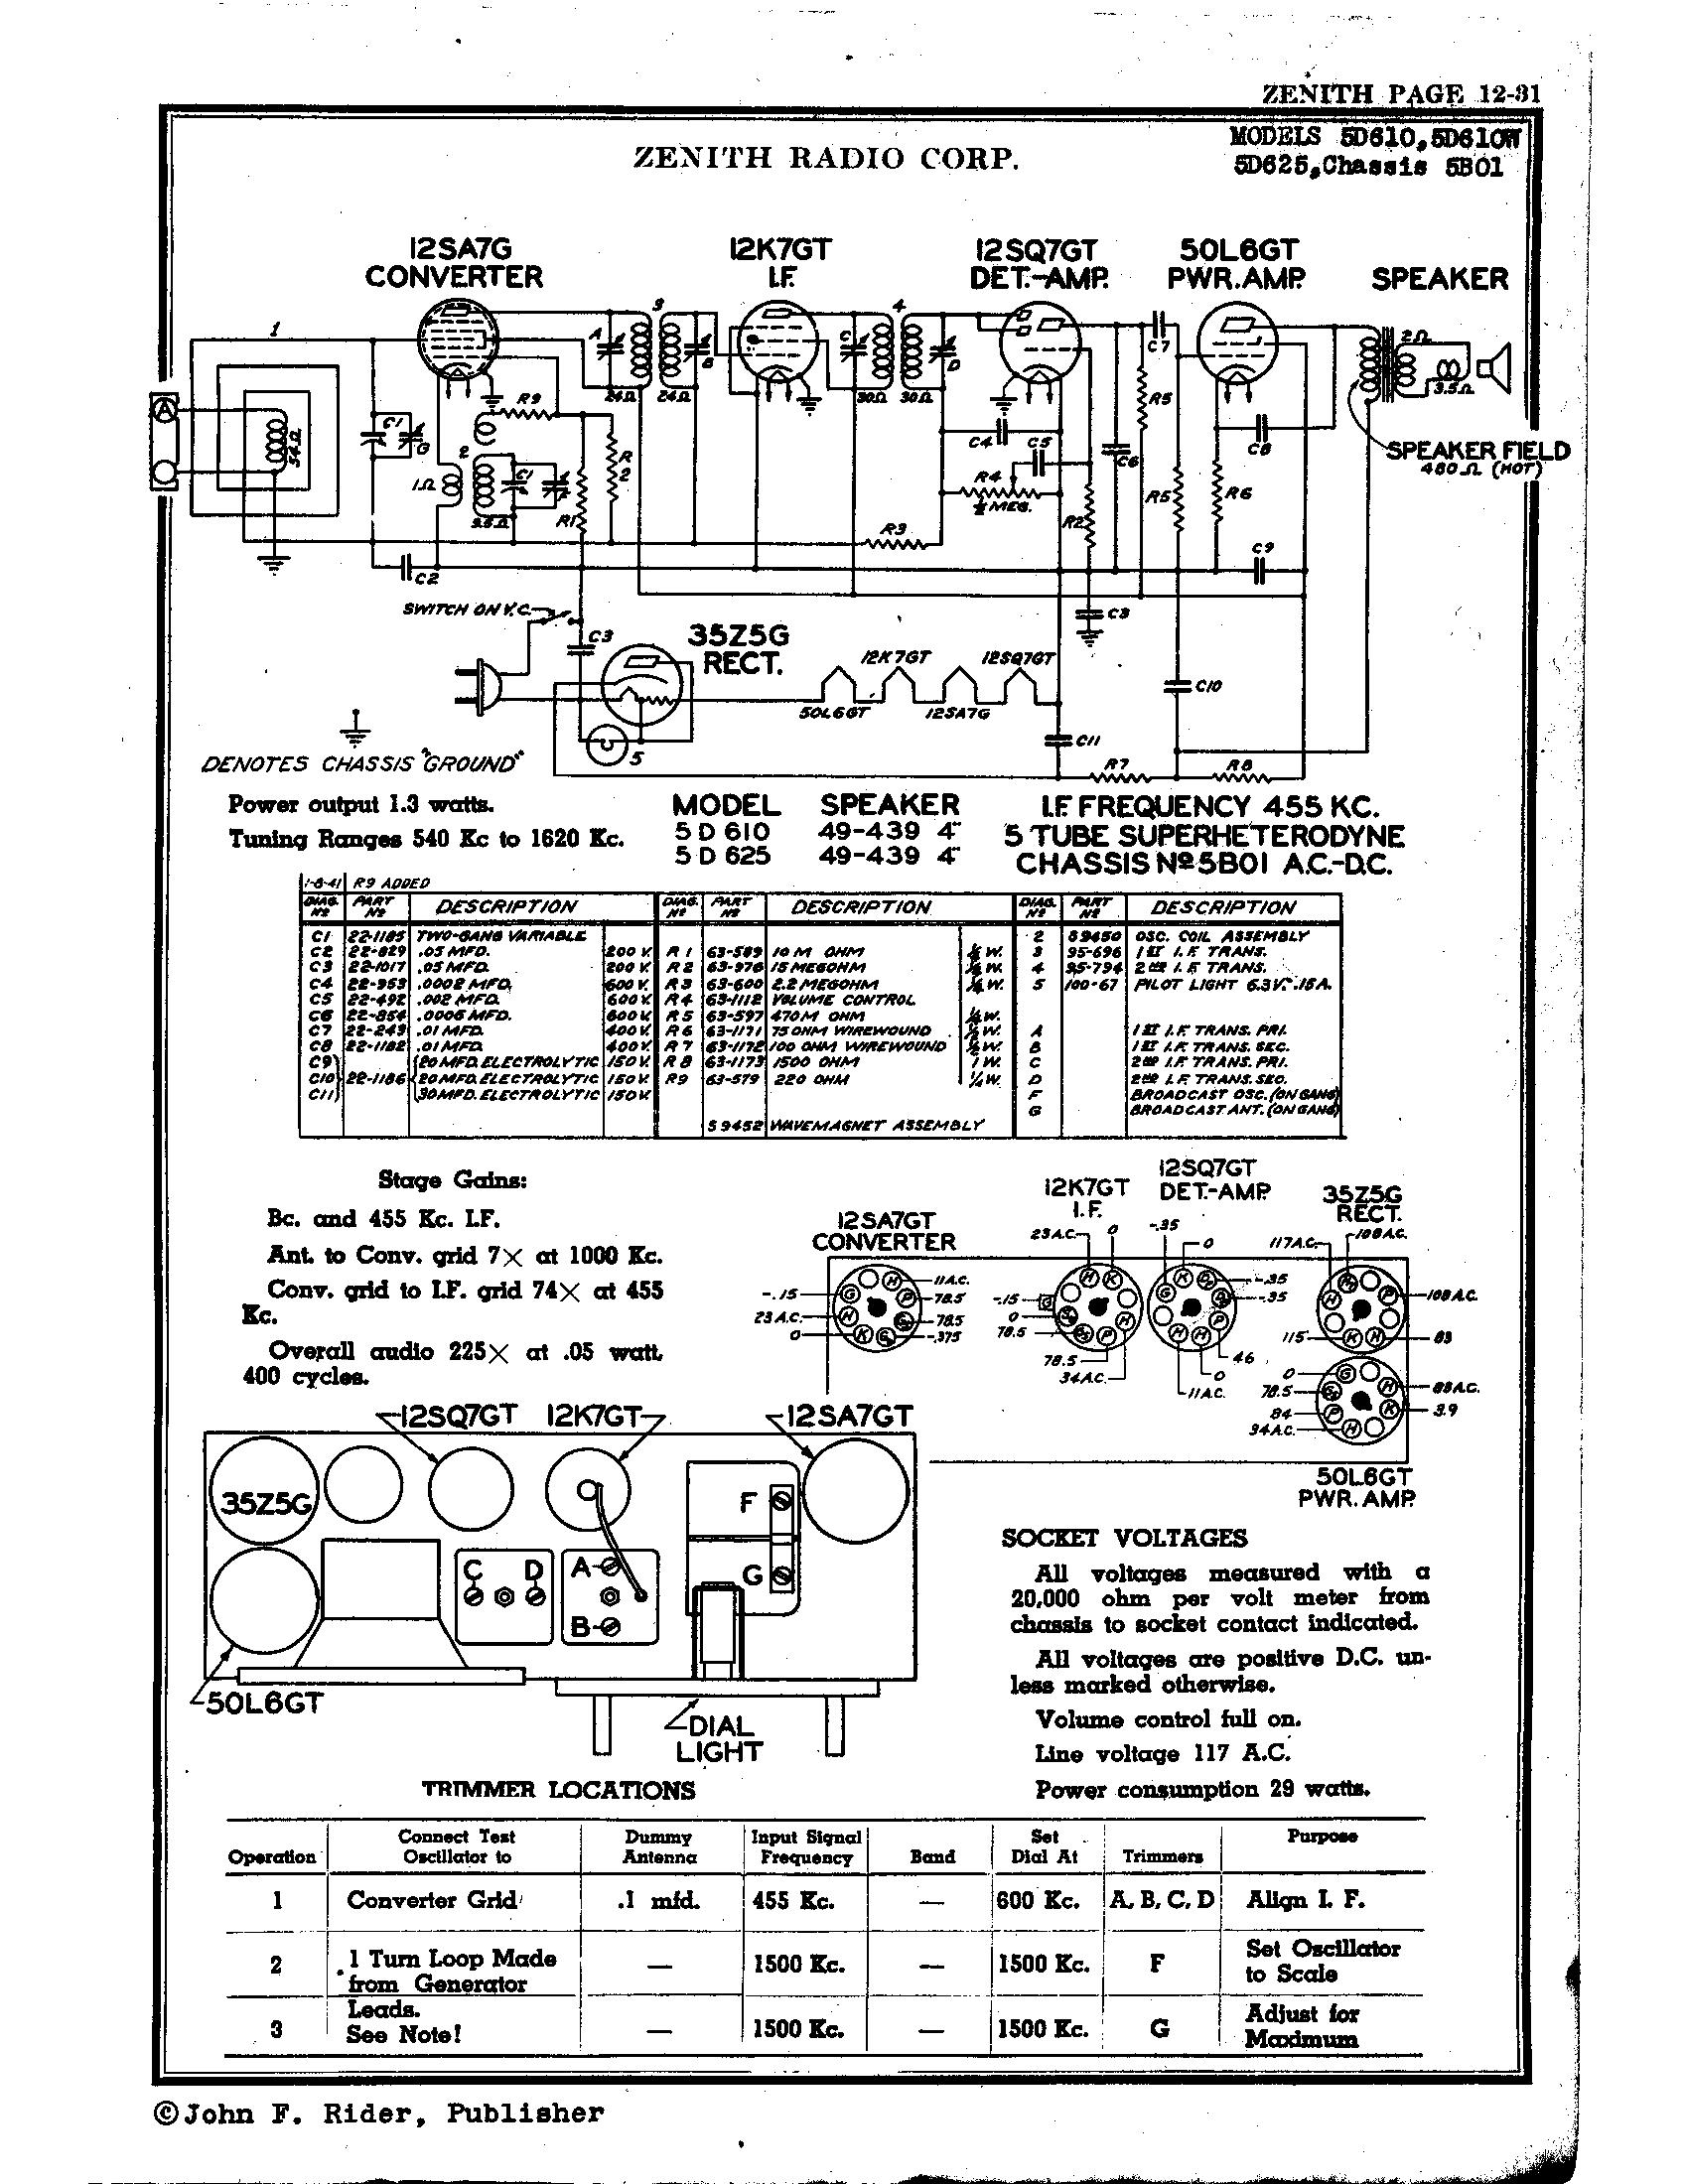 Zenith Radio Corp 5d625